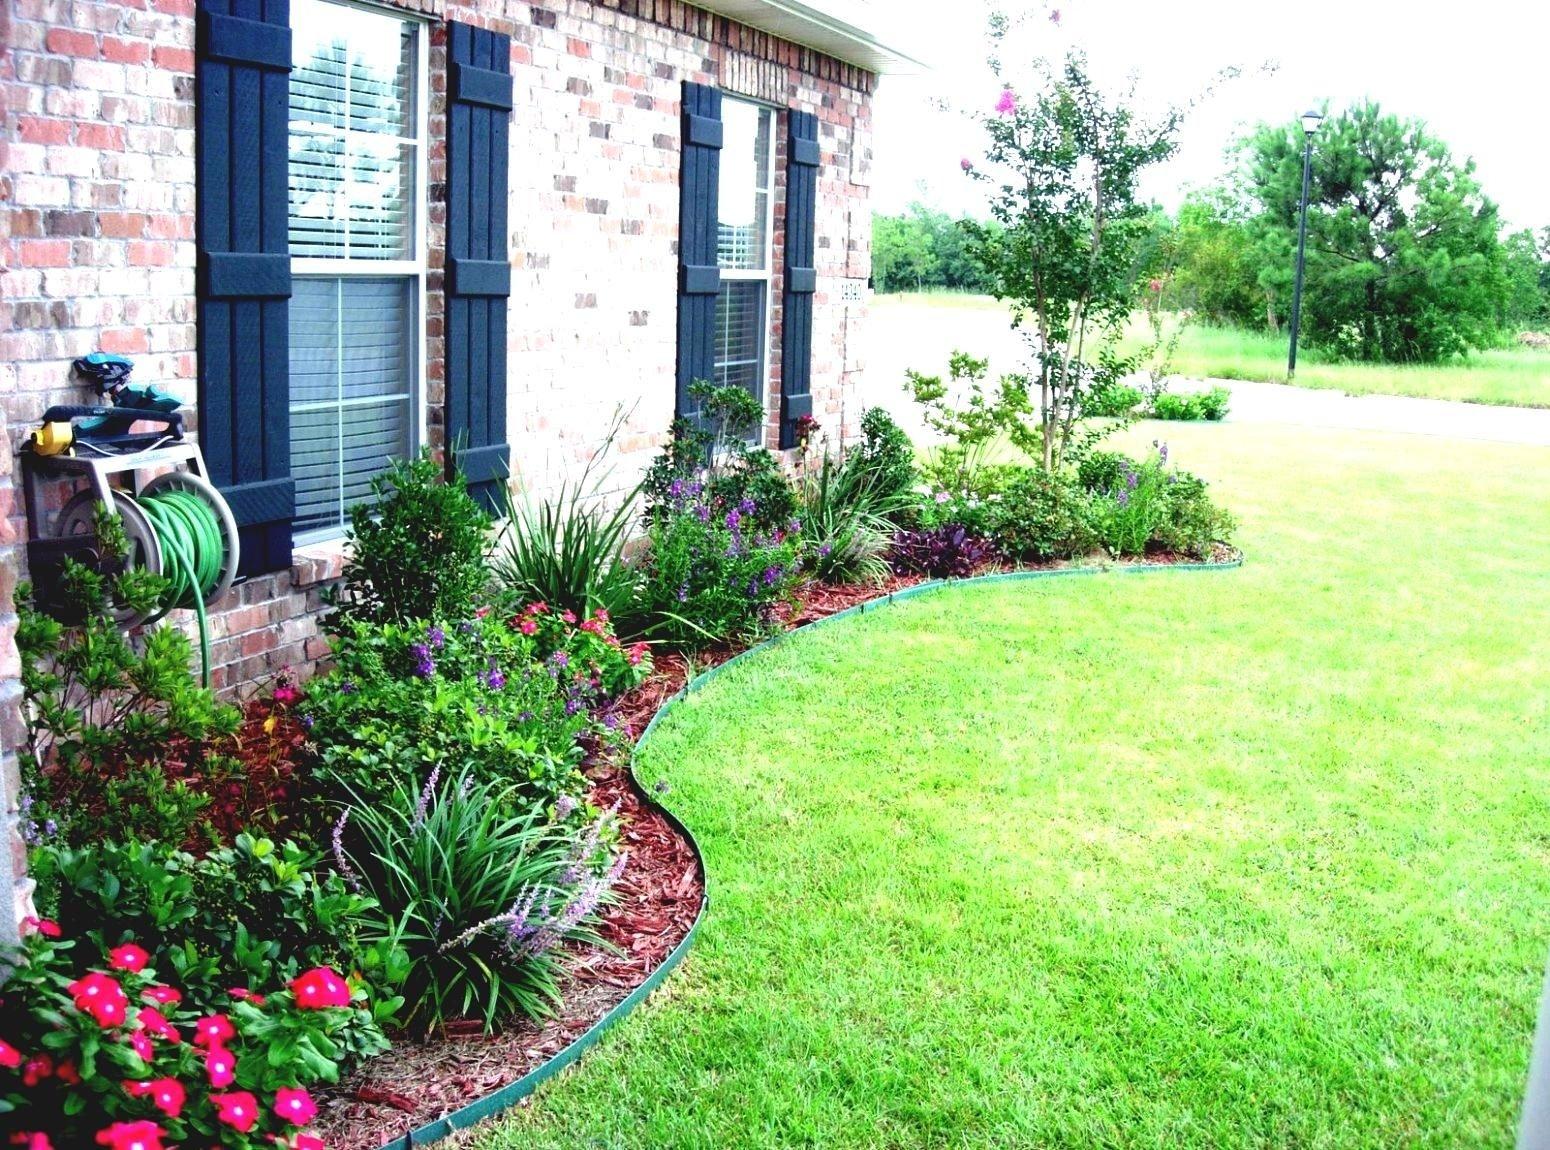 10 Elegant Simple Landscaping Ideas For Front Yards simple landscaping ideas with low maintenance tropical daze 1 2020